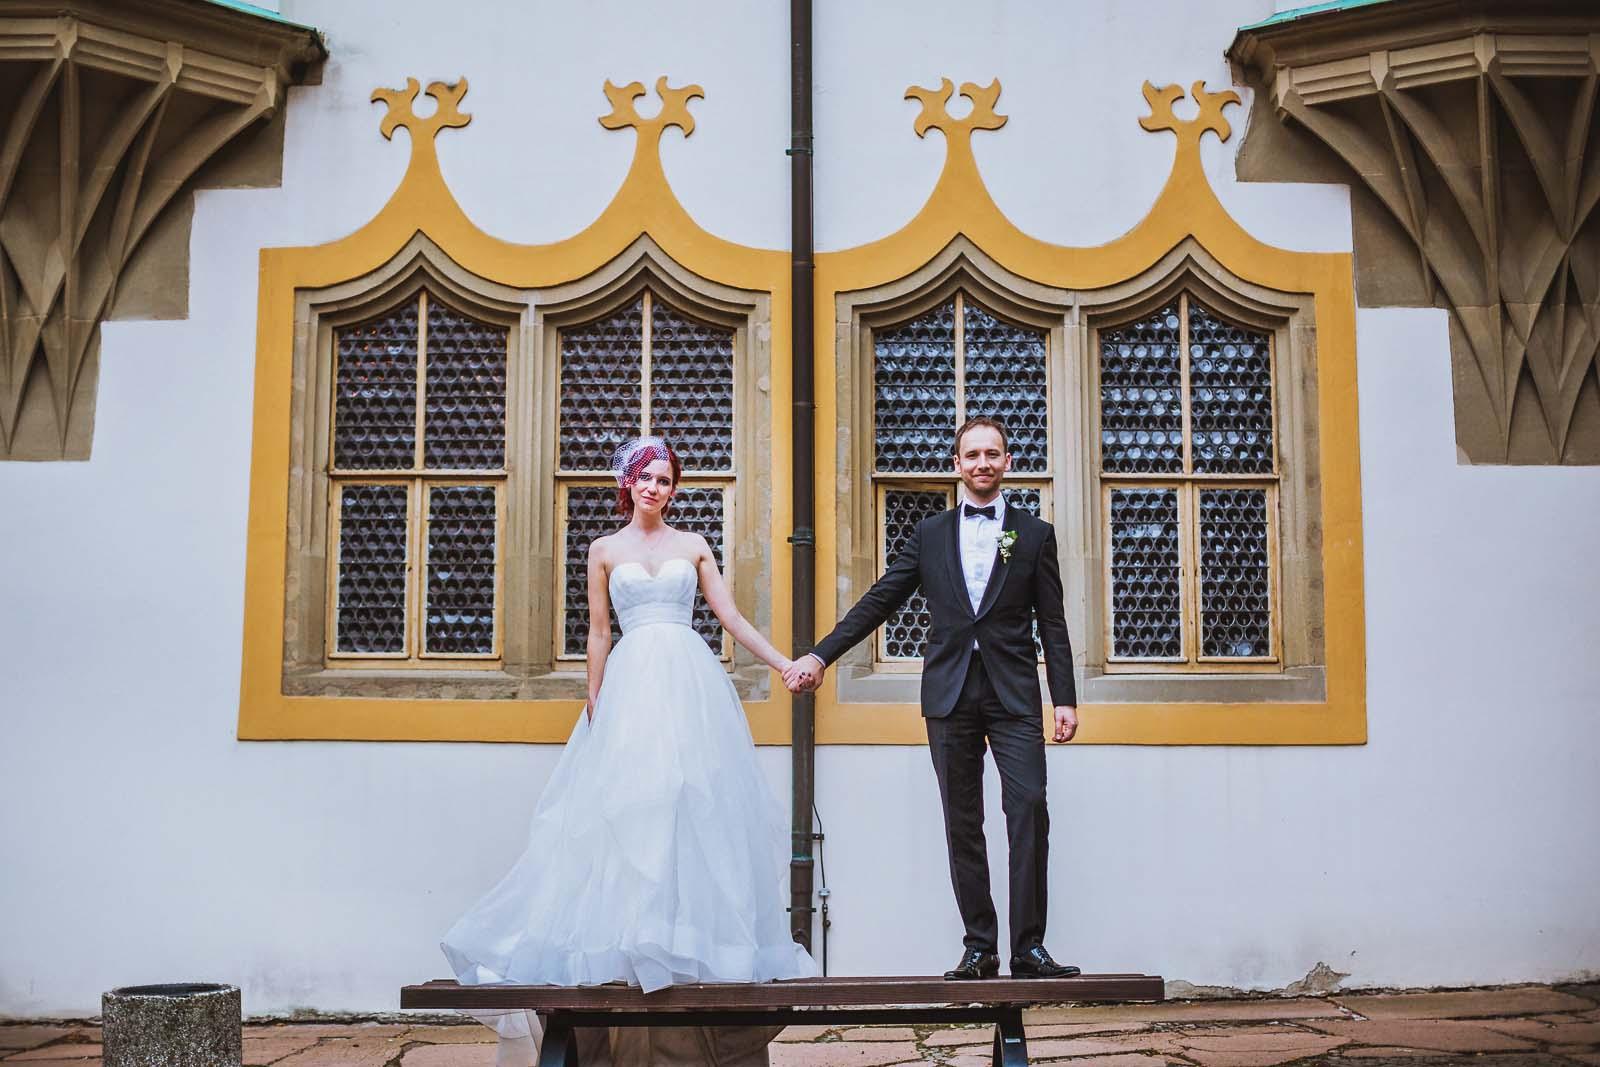 Brautpaar beim Fotoshooting mit professionellem Hochzeitsfotograf Halle auf der Moritzburg Copyright by Hochzeitsfotograf www.berliner-hochzeitsfotografie.de